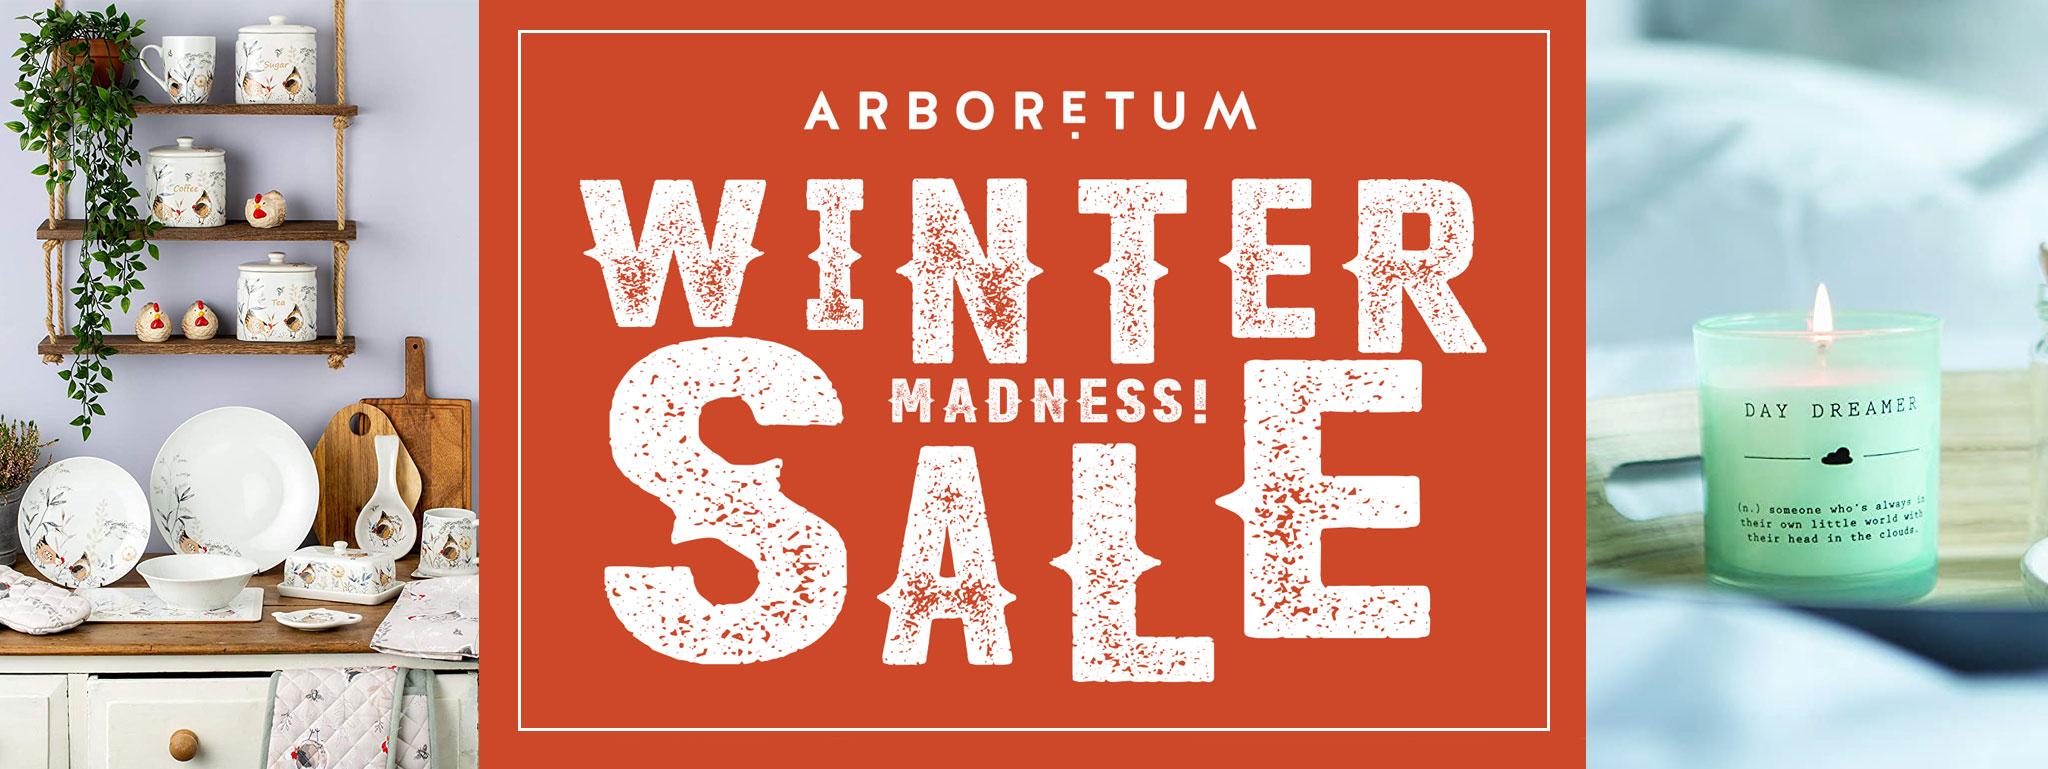 Arboretum Winter Madness Sale